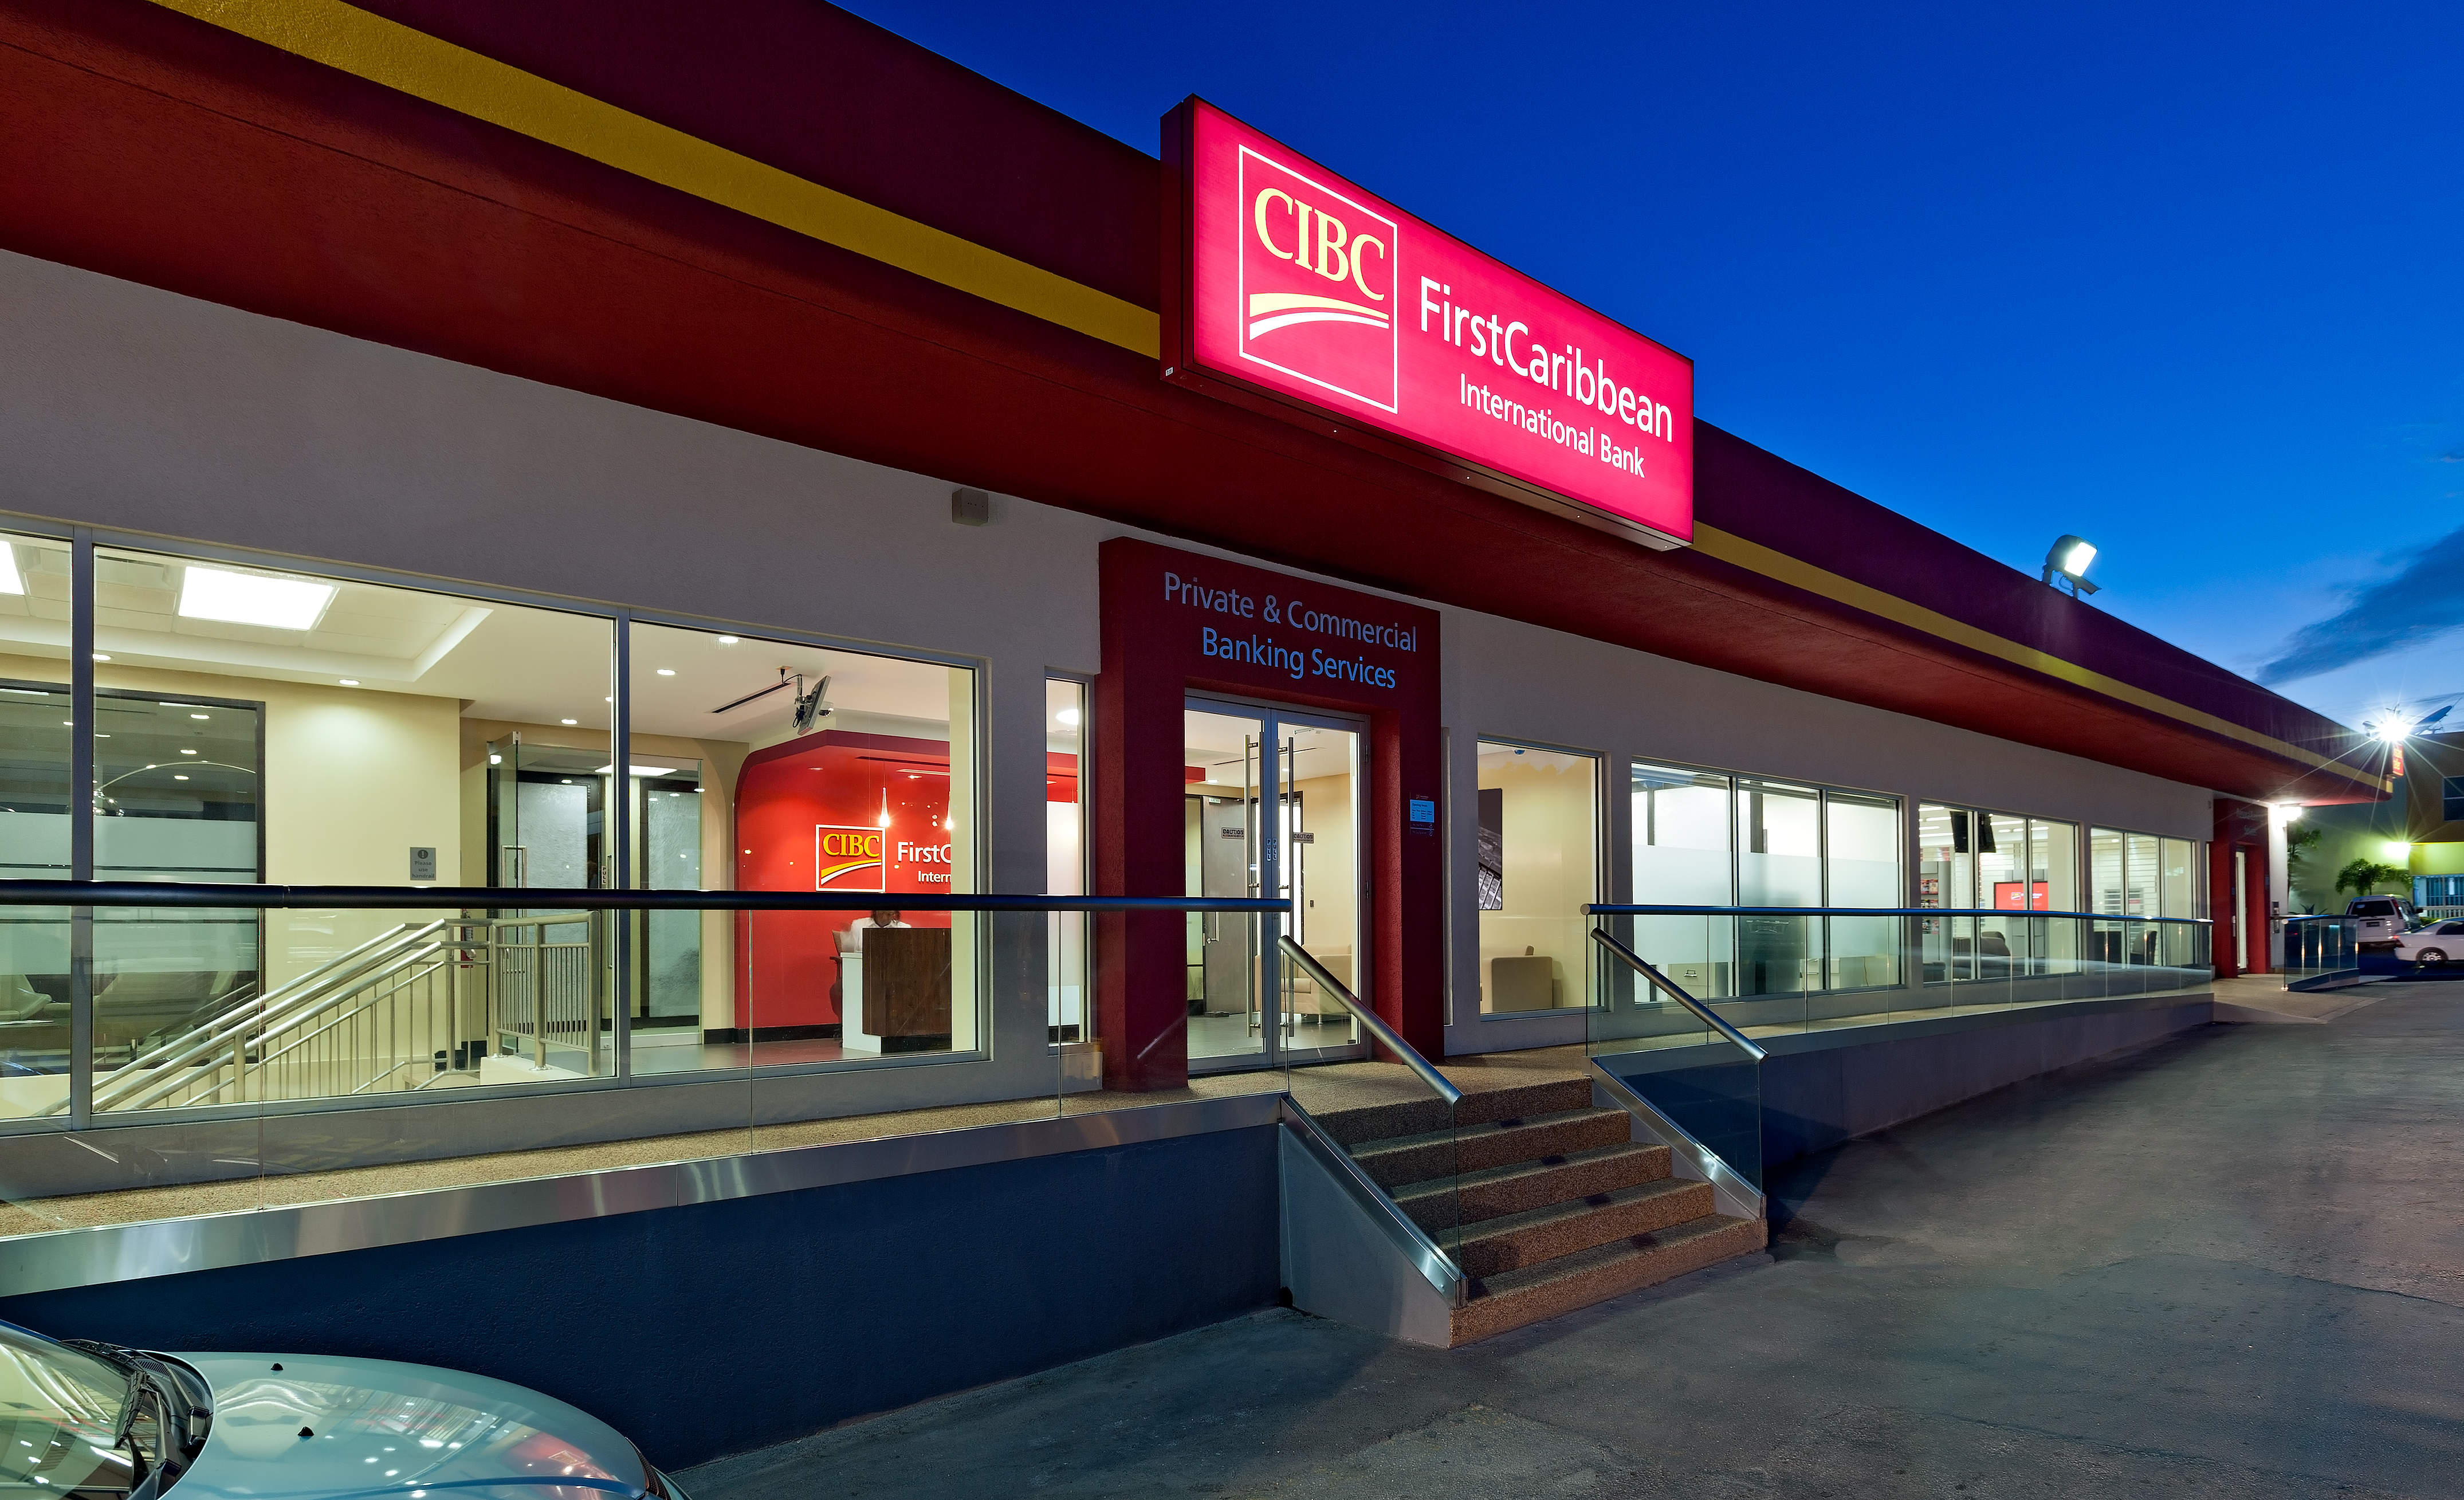 CIBC FIRST CARIBBEAN INT'L BANK